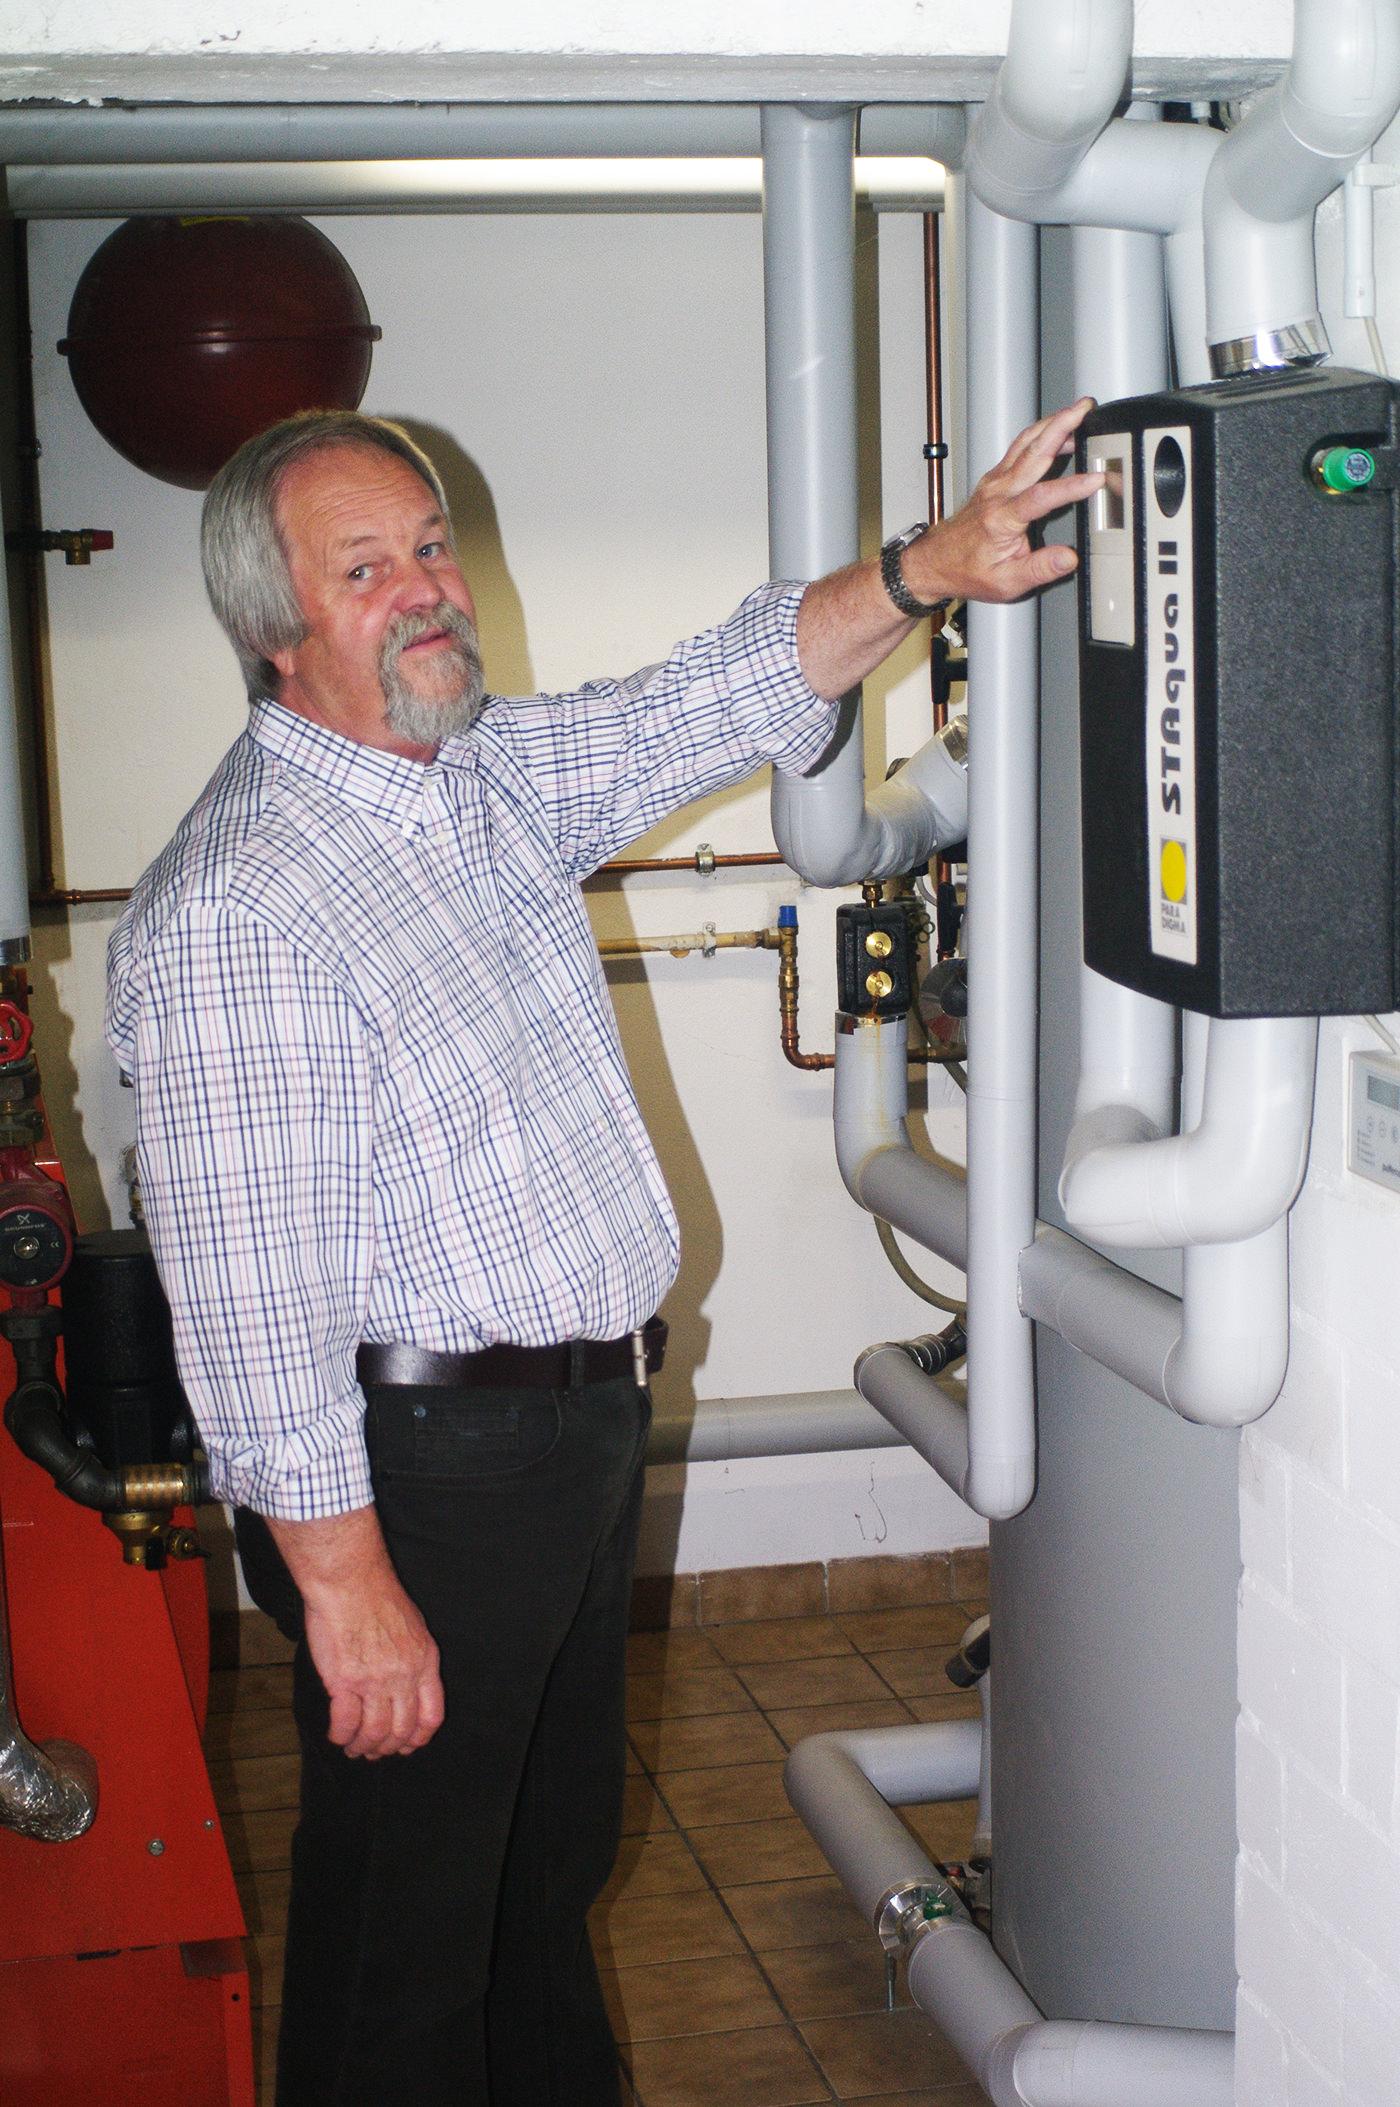 """Hausherr Willi Franzmeier in seinem Heizkeller: """"Wir sparen mit Hilfe der Solarthermie satte 59 Prozent an Heizöl!"""" Foto: Paradigma"""